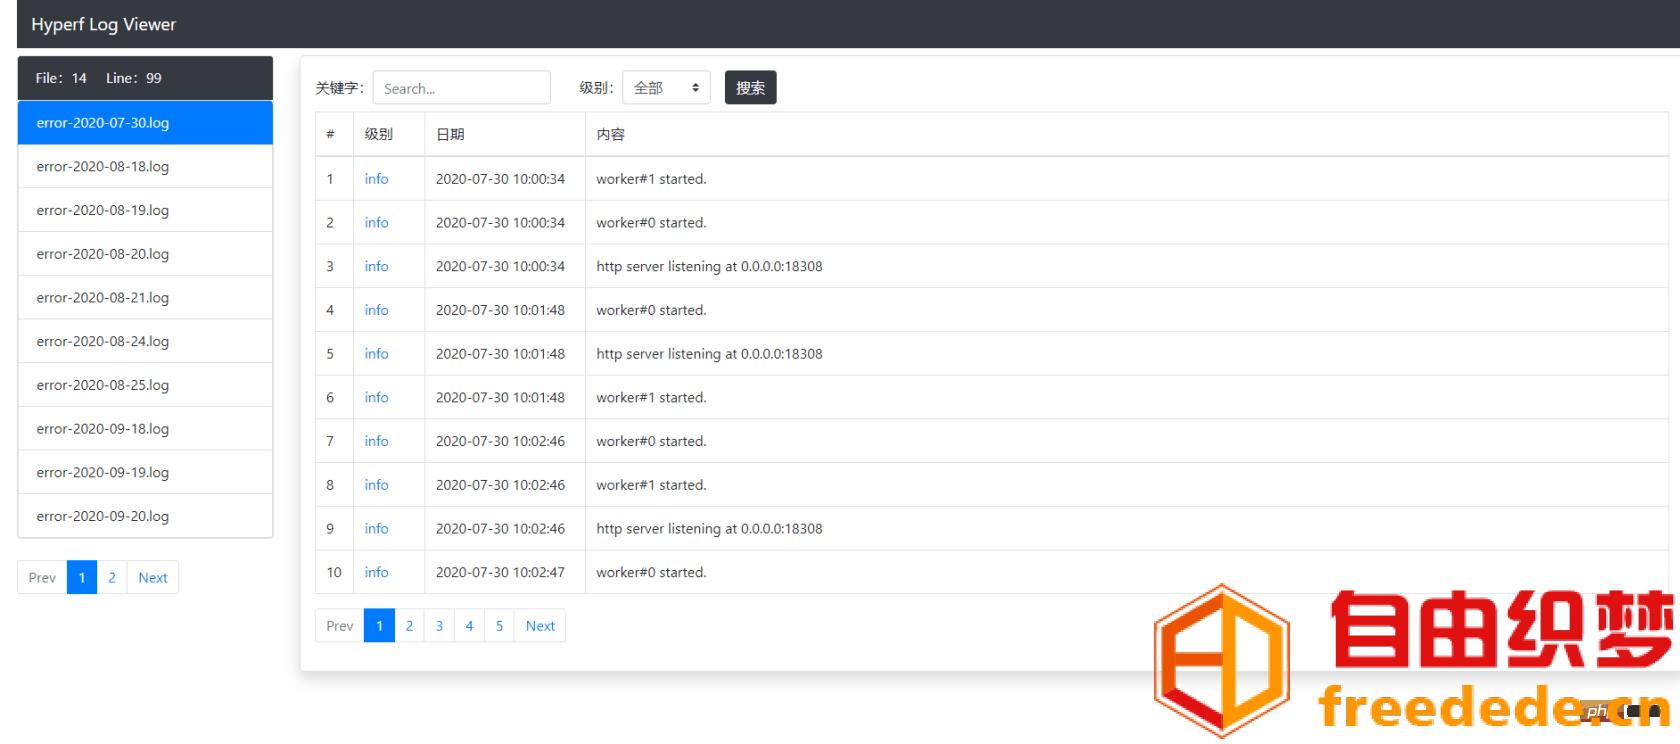 爱上源码网文章Hyperf日志如何查看组件的内容插图1